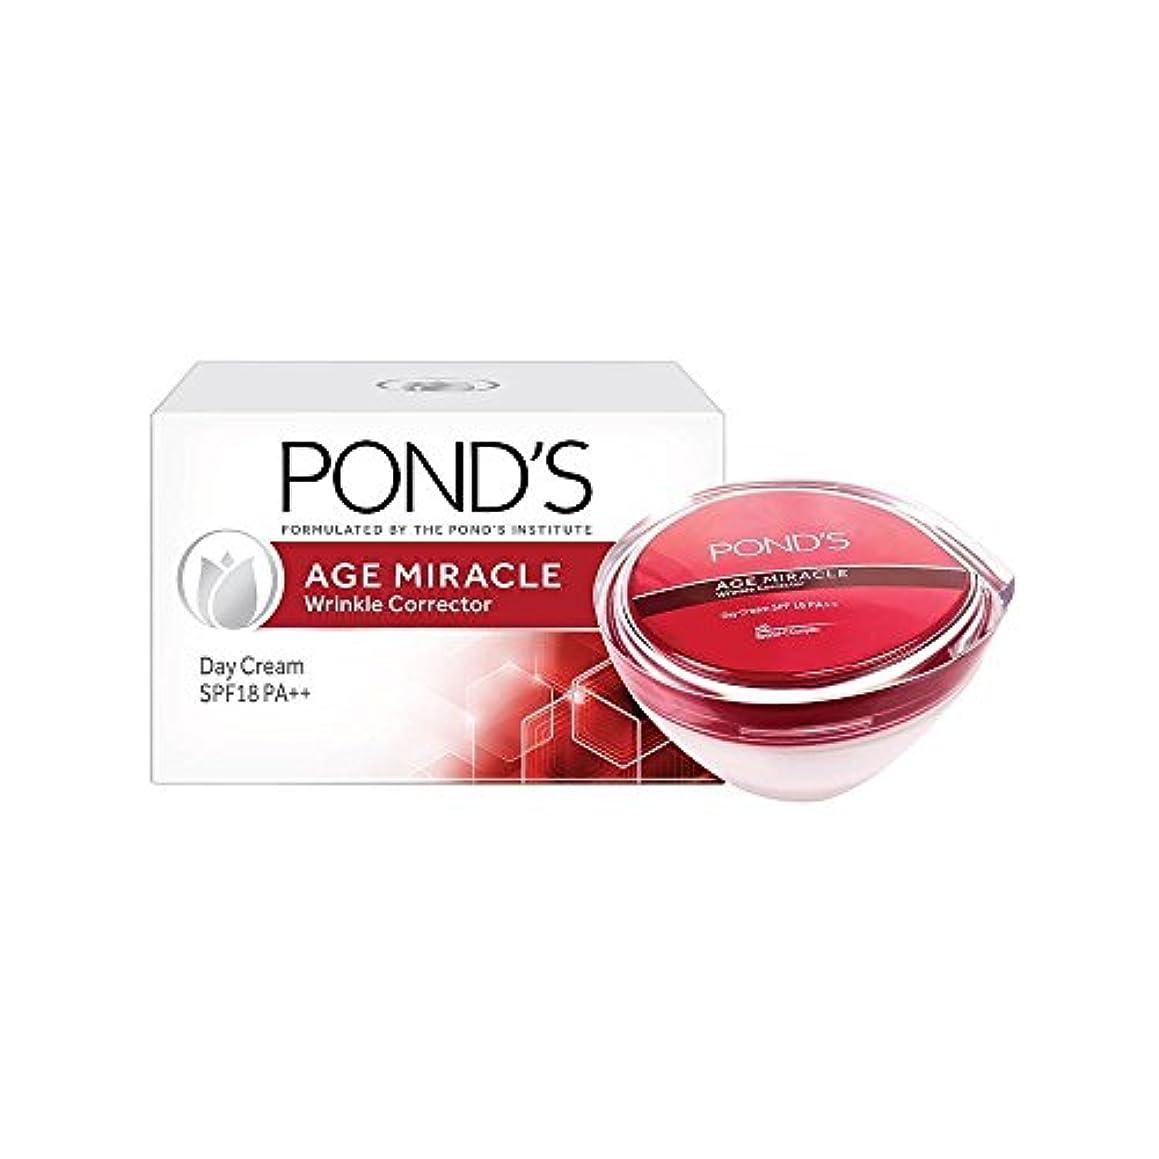 オーラル謎めいた上げるPOND 'S年齢ミラクルデイクリーム50グラム。セール!POND'S Age Miracle Day Cream 50g. Sale!!!